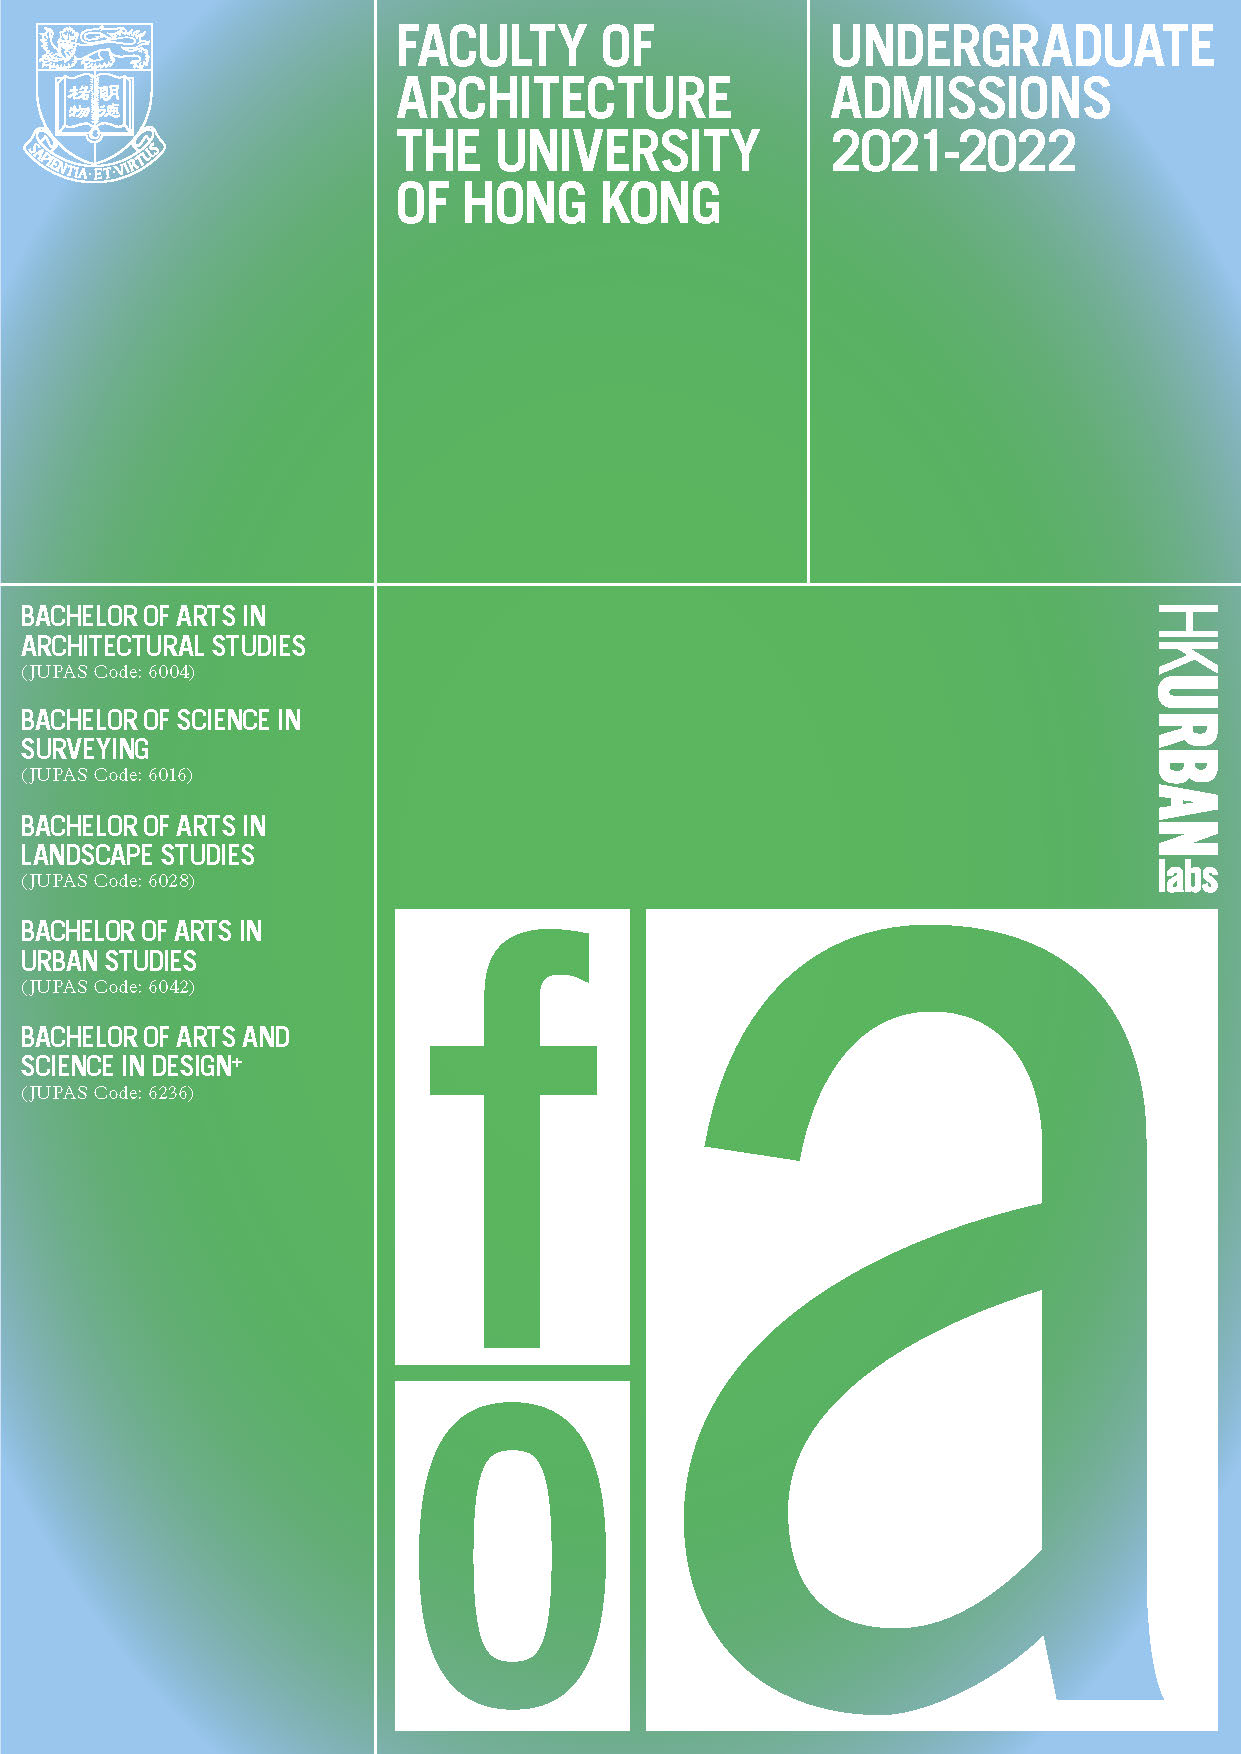 Programme Leaflet 2021 PDF File